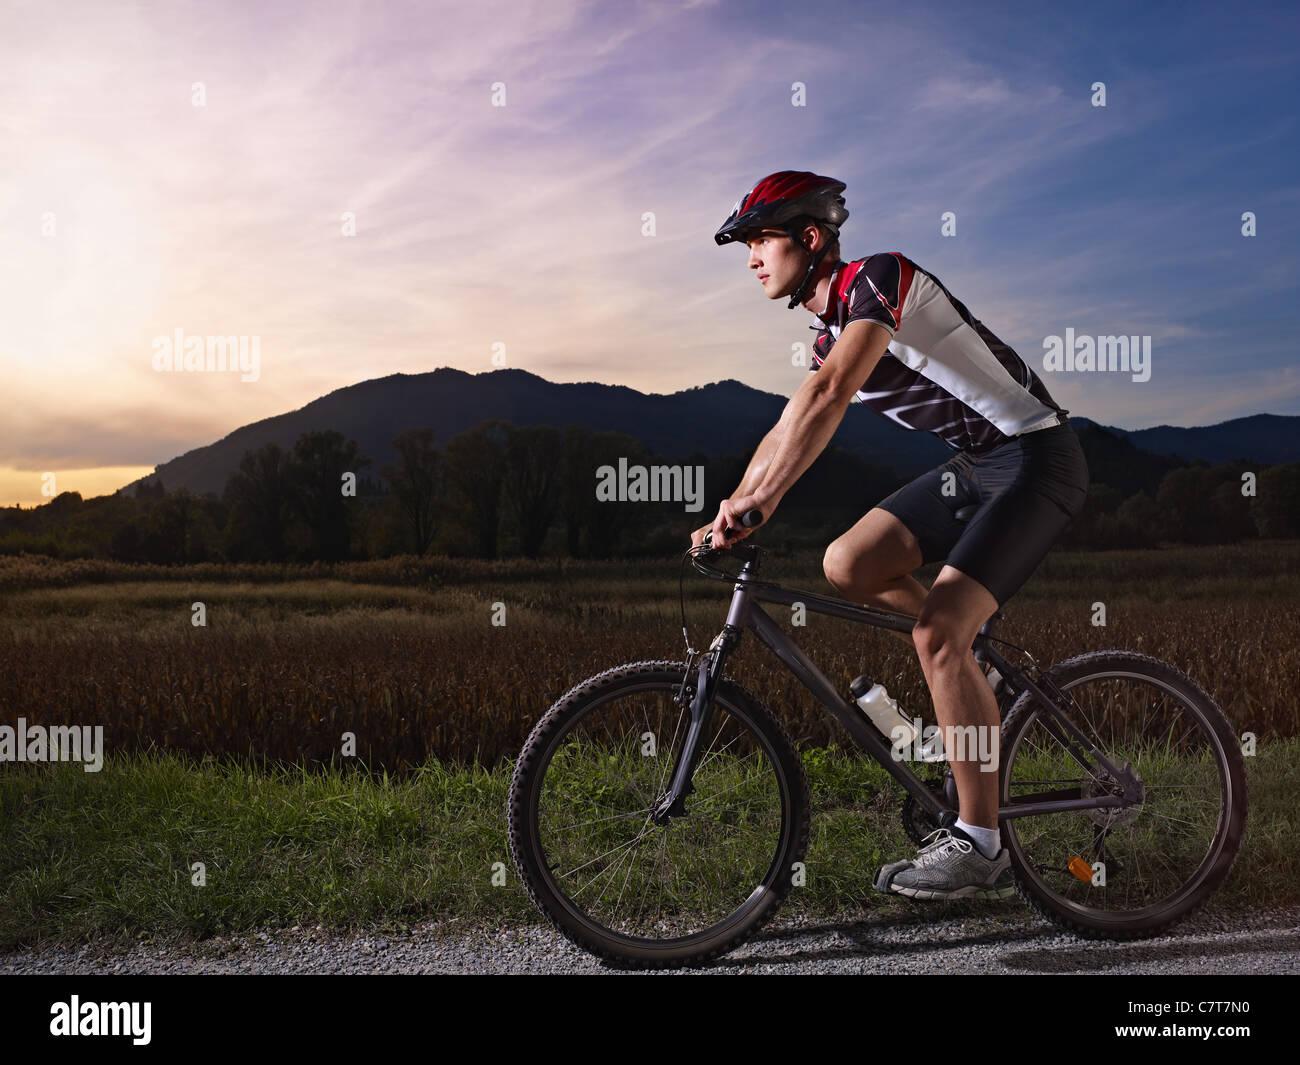 sportlichen Aktivität: jungen Erwachsenen Radfahrer fahren Mountainbike in der Natur. Horizontale Form, Seitenansicht, Stockbild